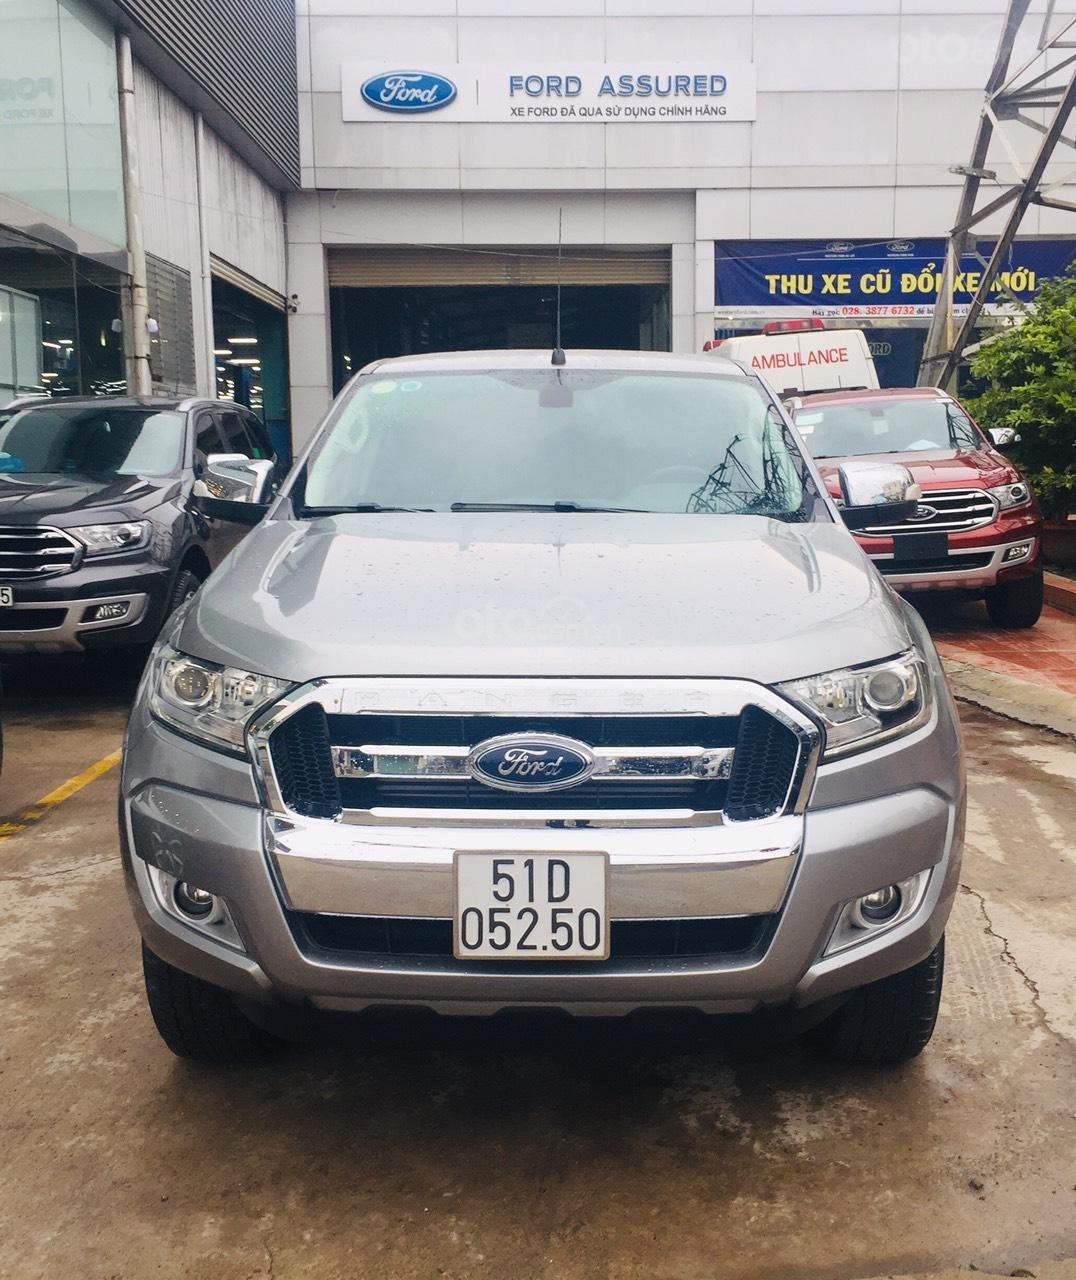 Bán Ford Ranger 2.2L XLT 4x4 MT sản xuất 2016, xe bán tại hãng (1)